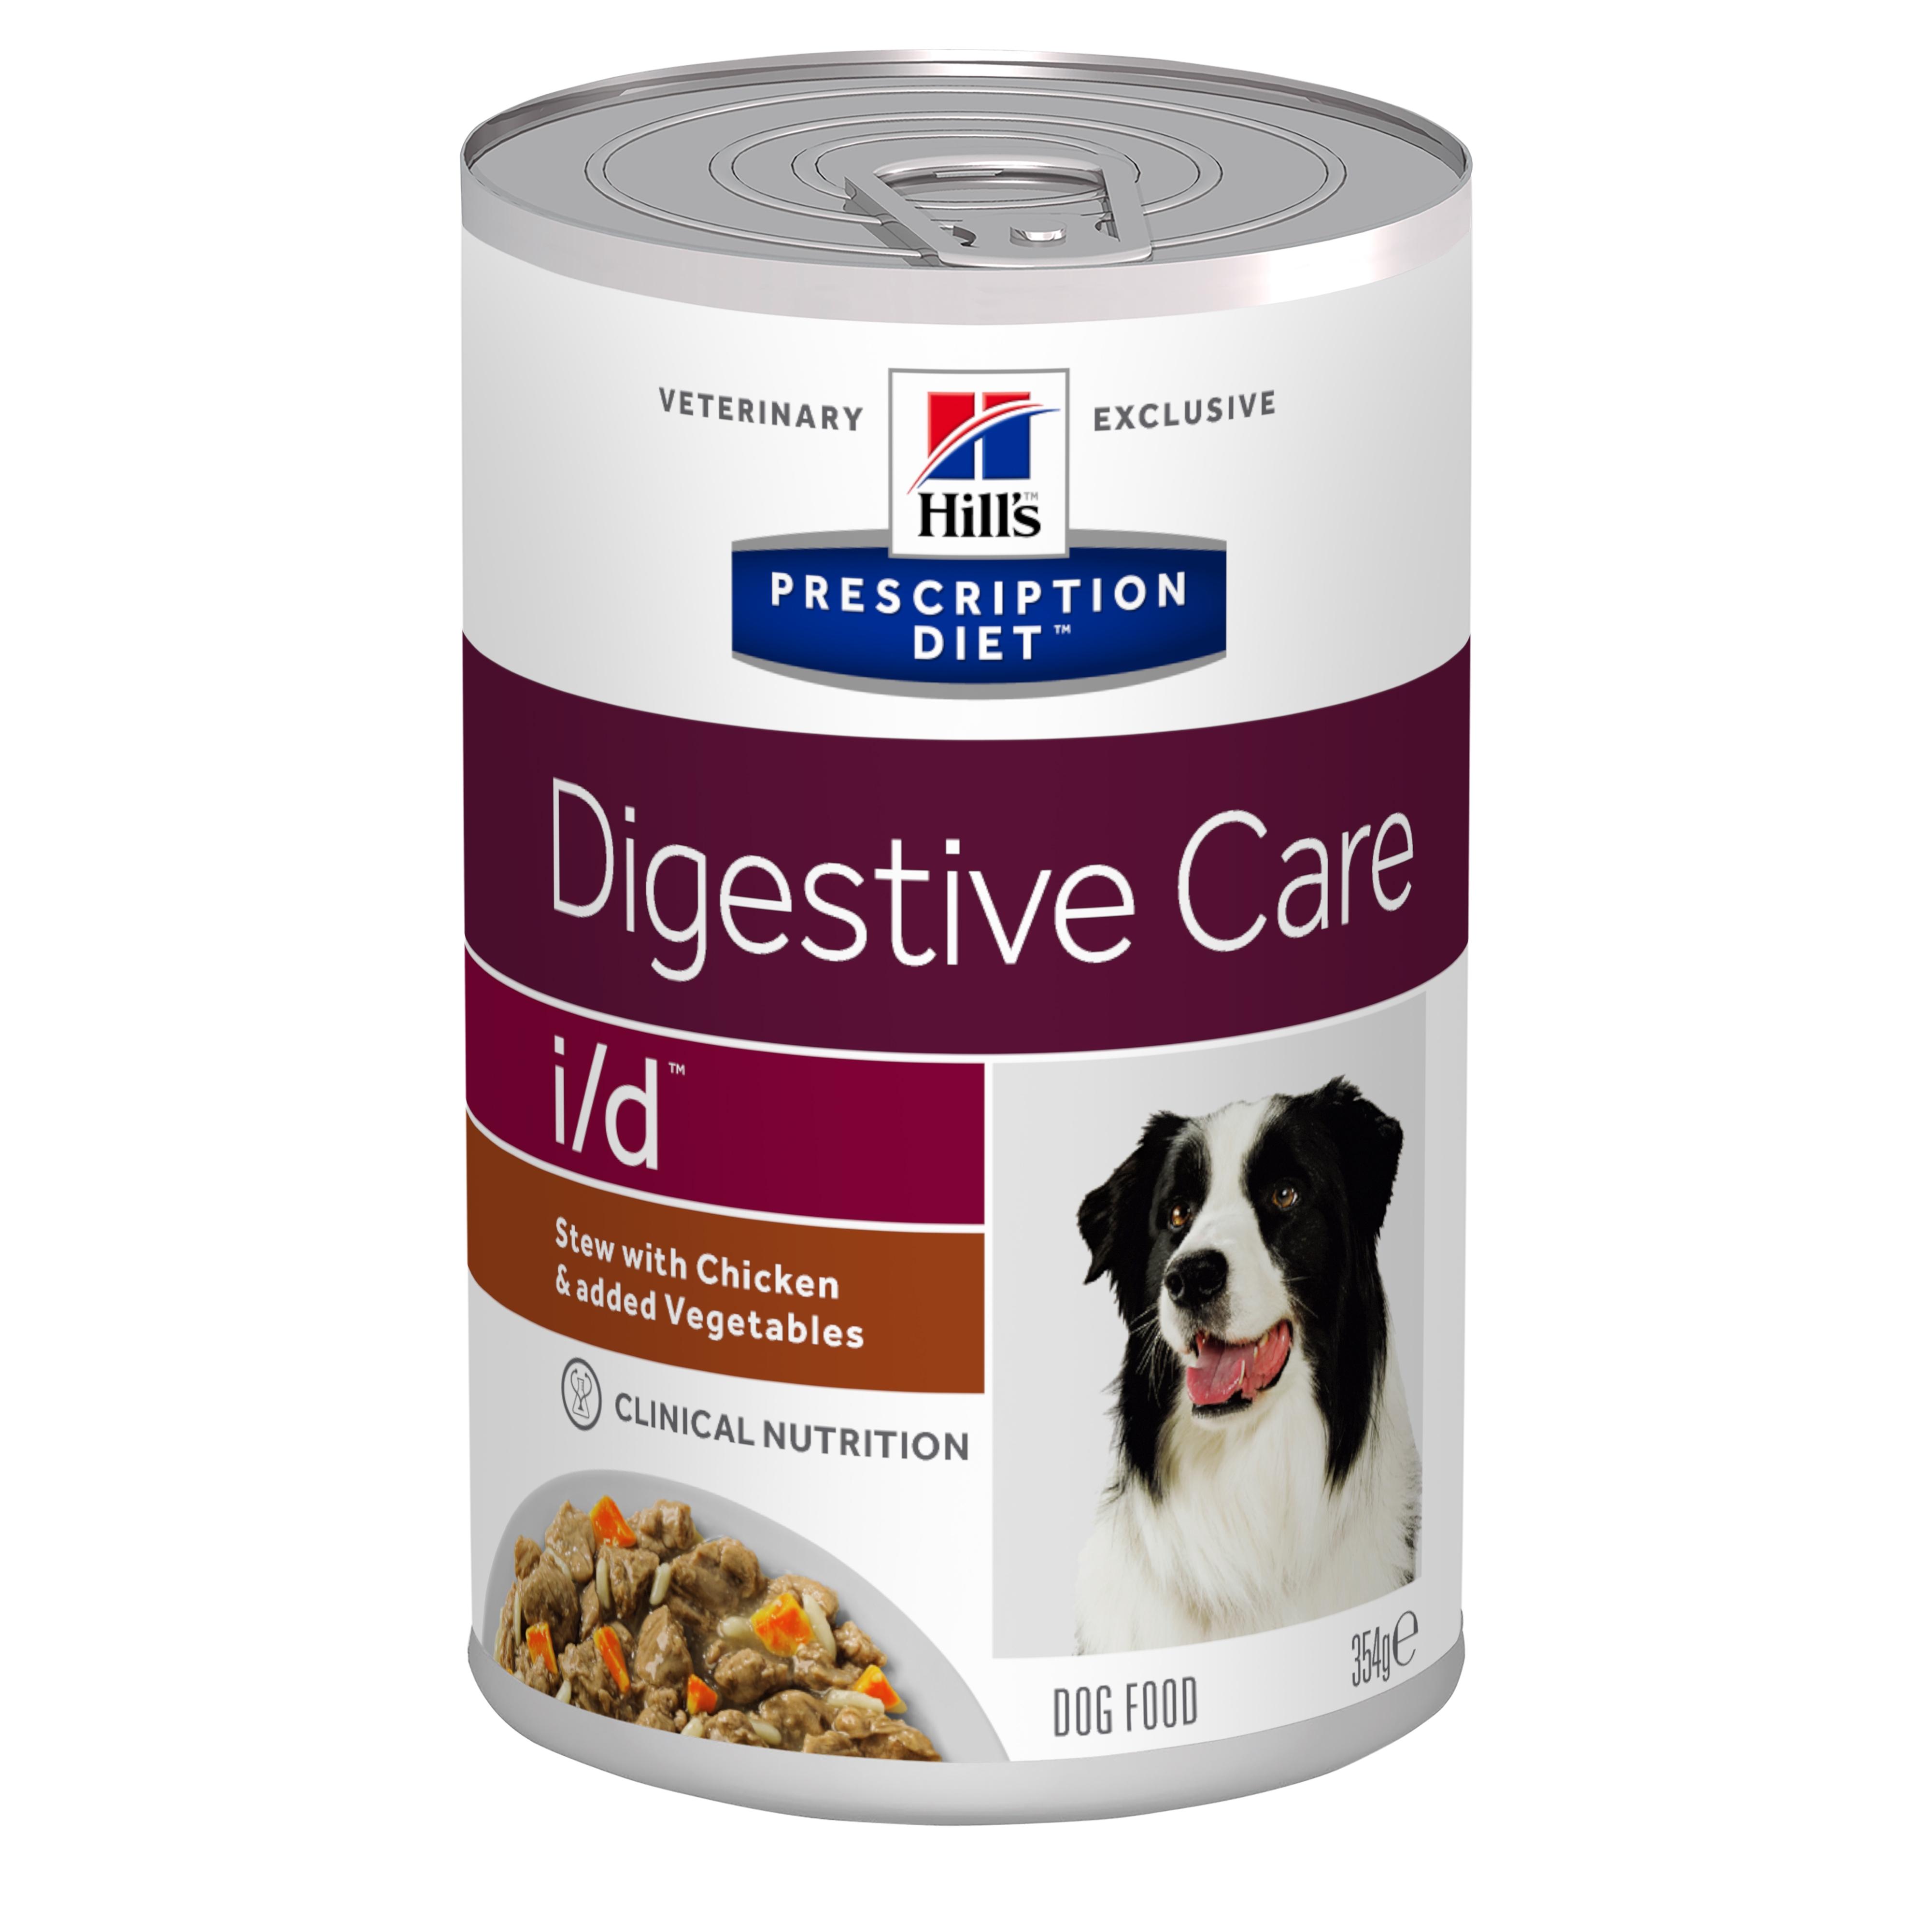 Hill's PD i/d Digestive Care hrana pentru caini cu pui si legume, 354 g imagine